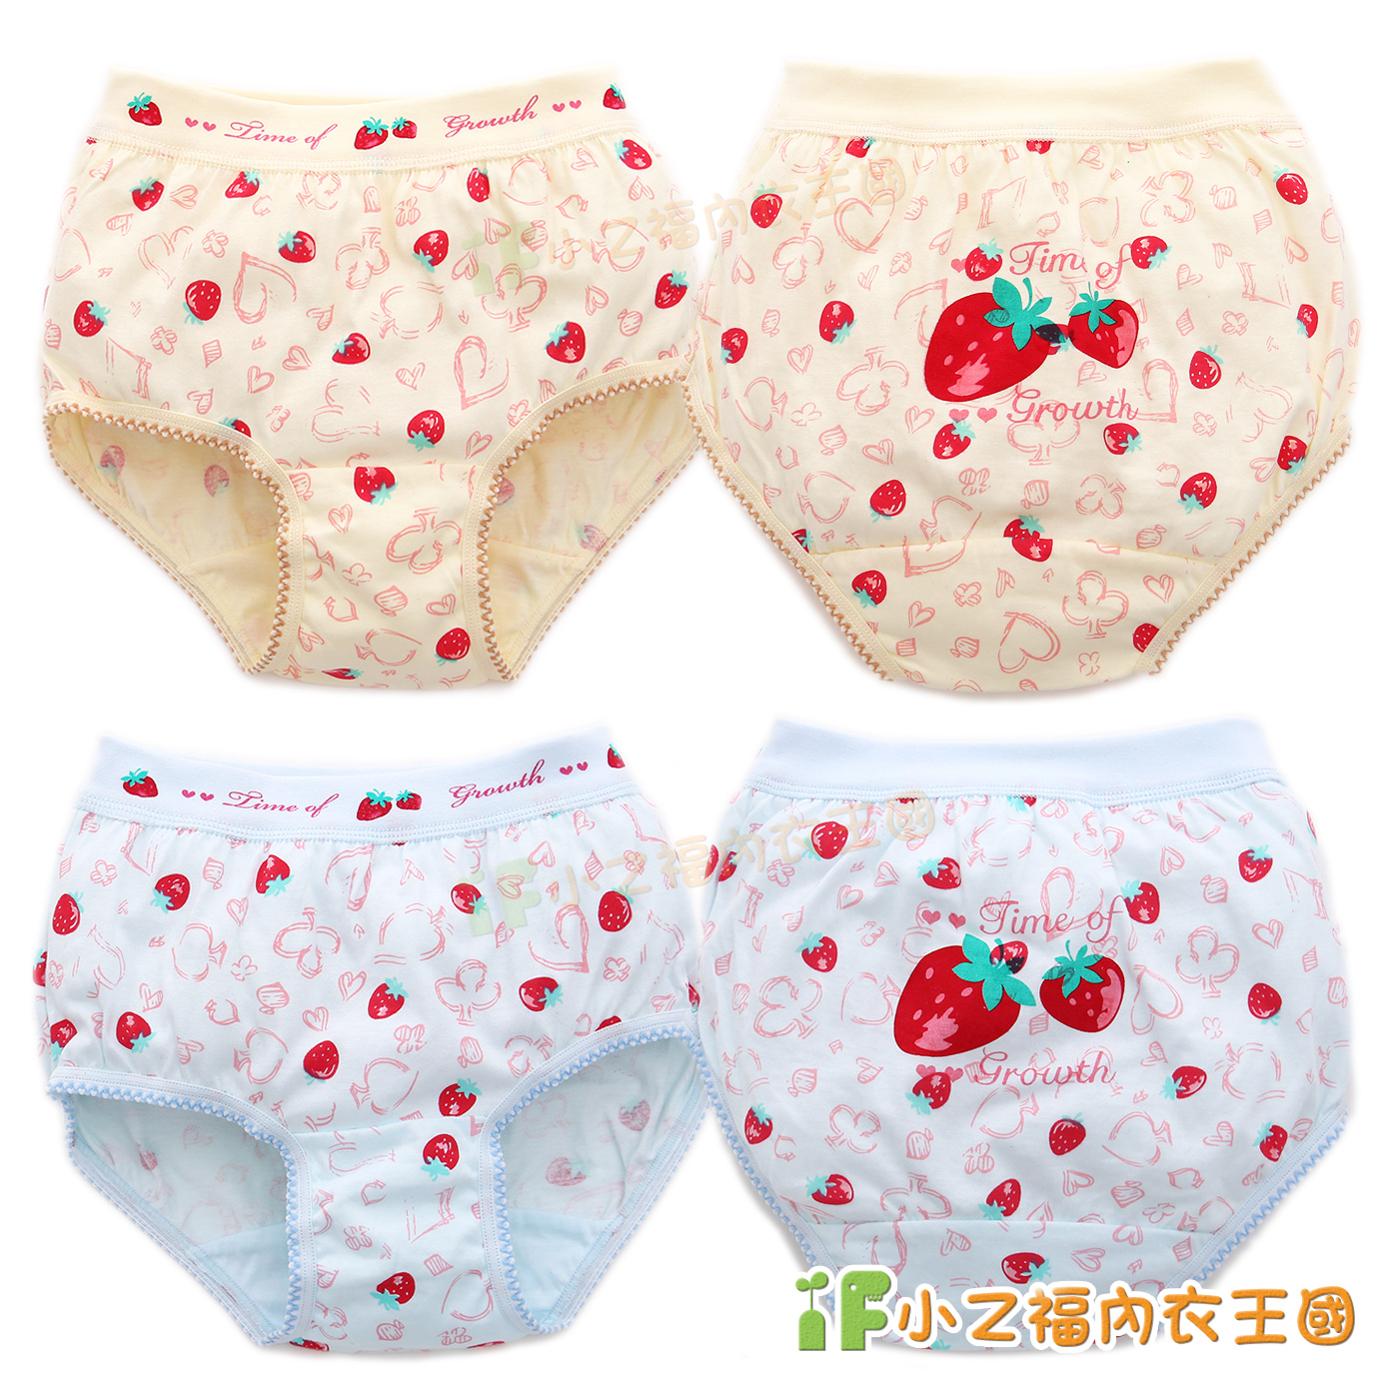 兒童舒適 草莓印花女童內褲 NO3449(兩入組)